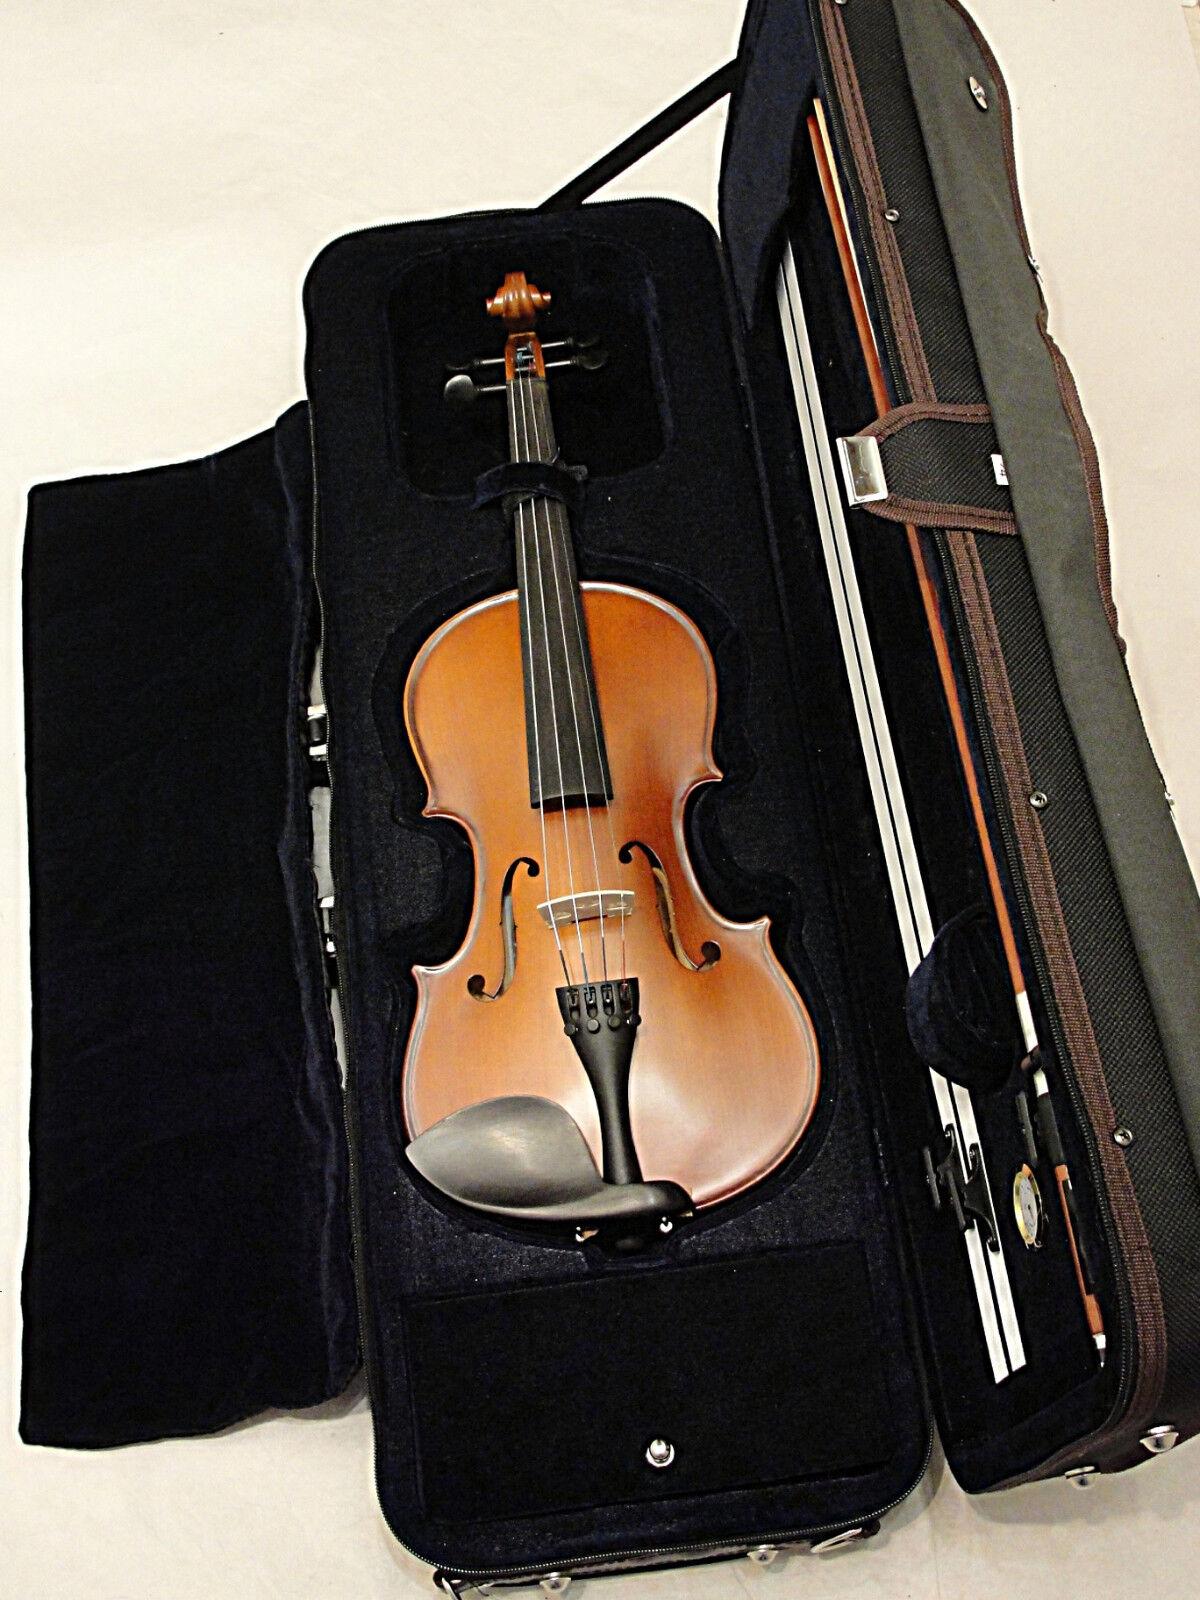 Palatino VN-650 Genoa Intermediate Violin Outfit  4/4 Größe Full Größe